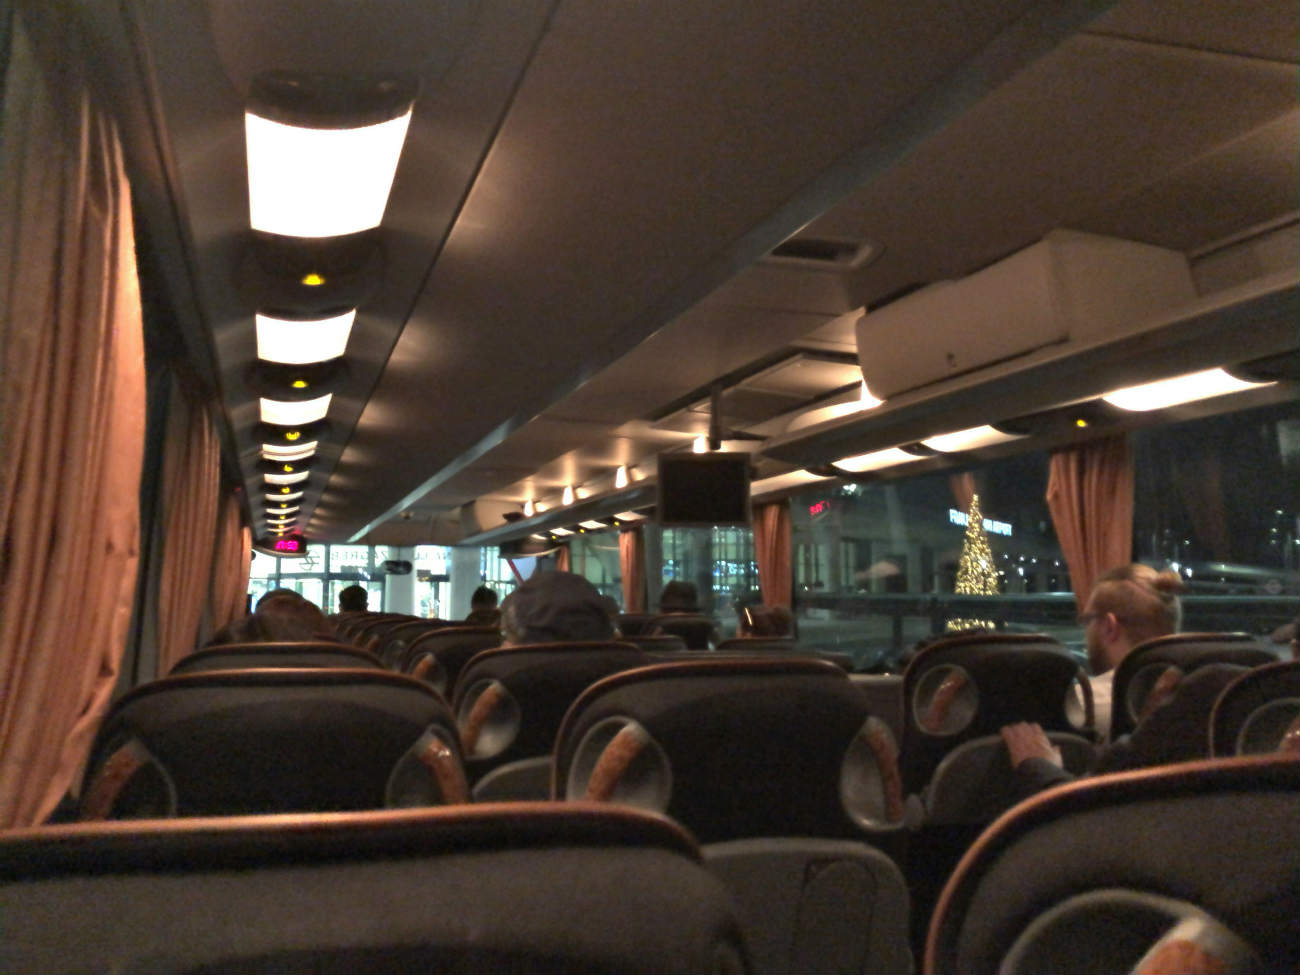 ザグレブ空港から市内へ向かうシャトルバス